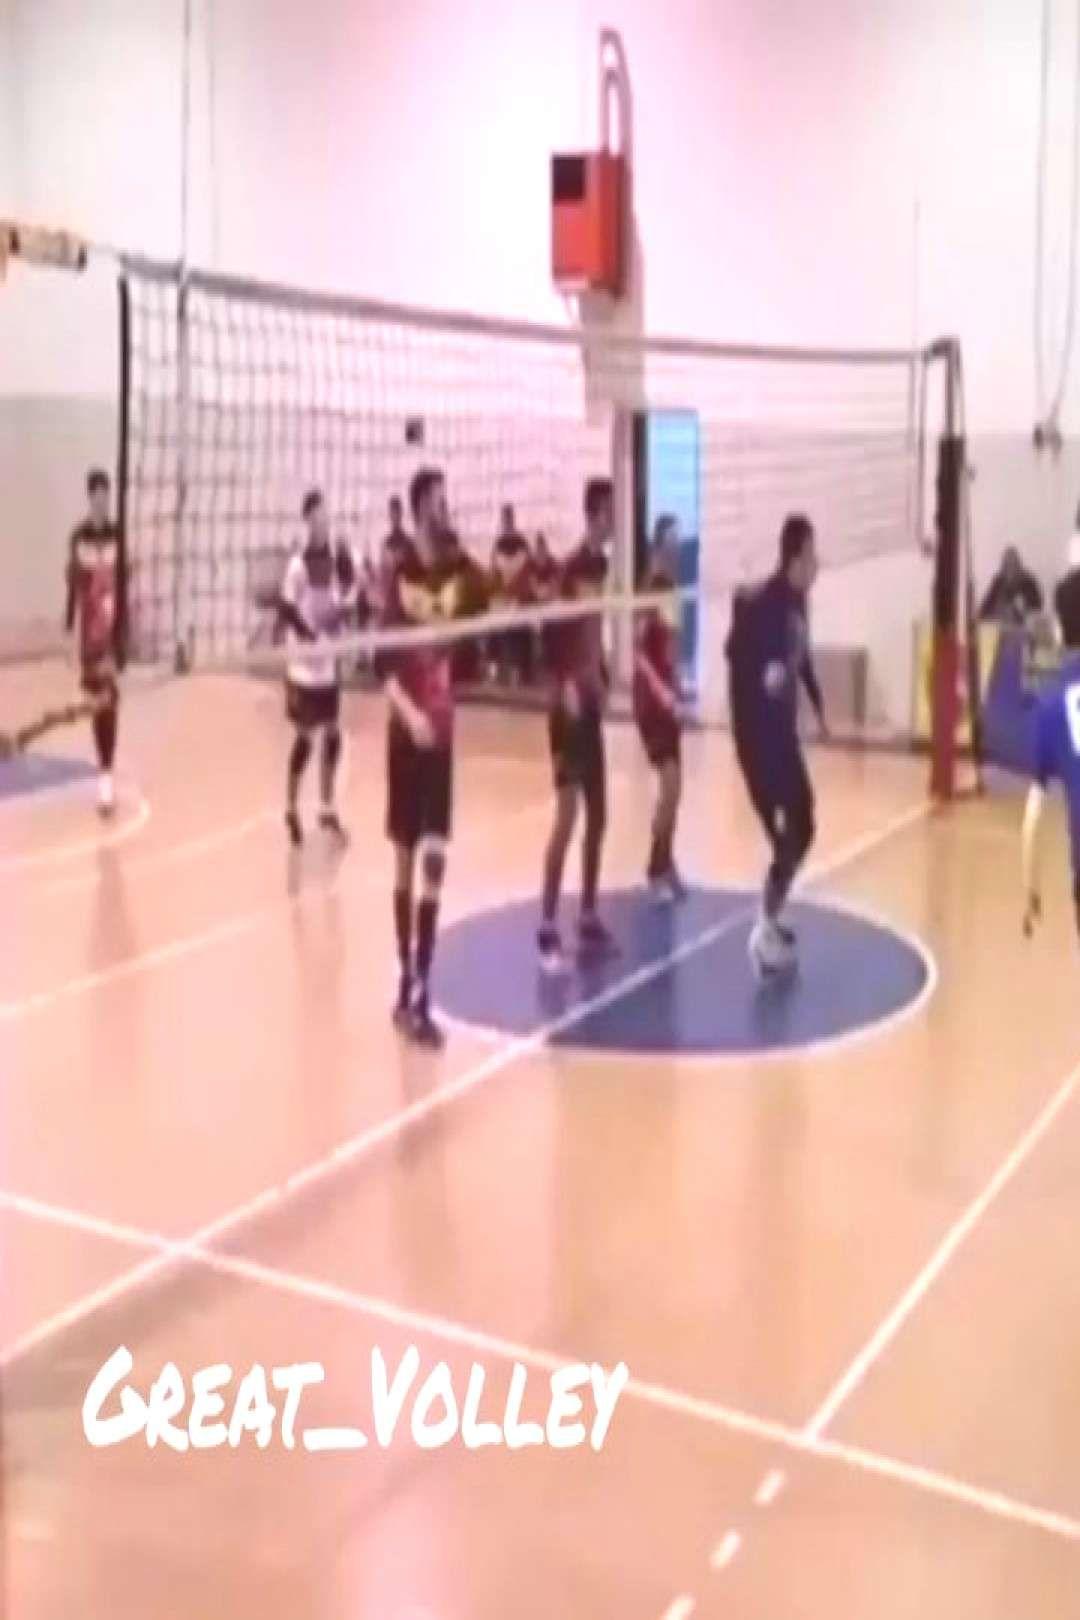 Volleyballteamvolleyball Volleyballsetter Volleyballtea Volley Setter Hooow Hooow Volleyballteam Volleyba In 2020 Volleyball Setter Volleyball Team Volleyball